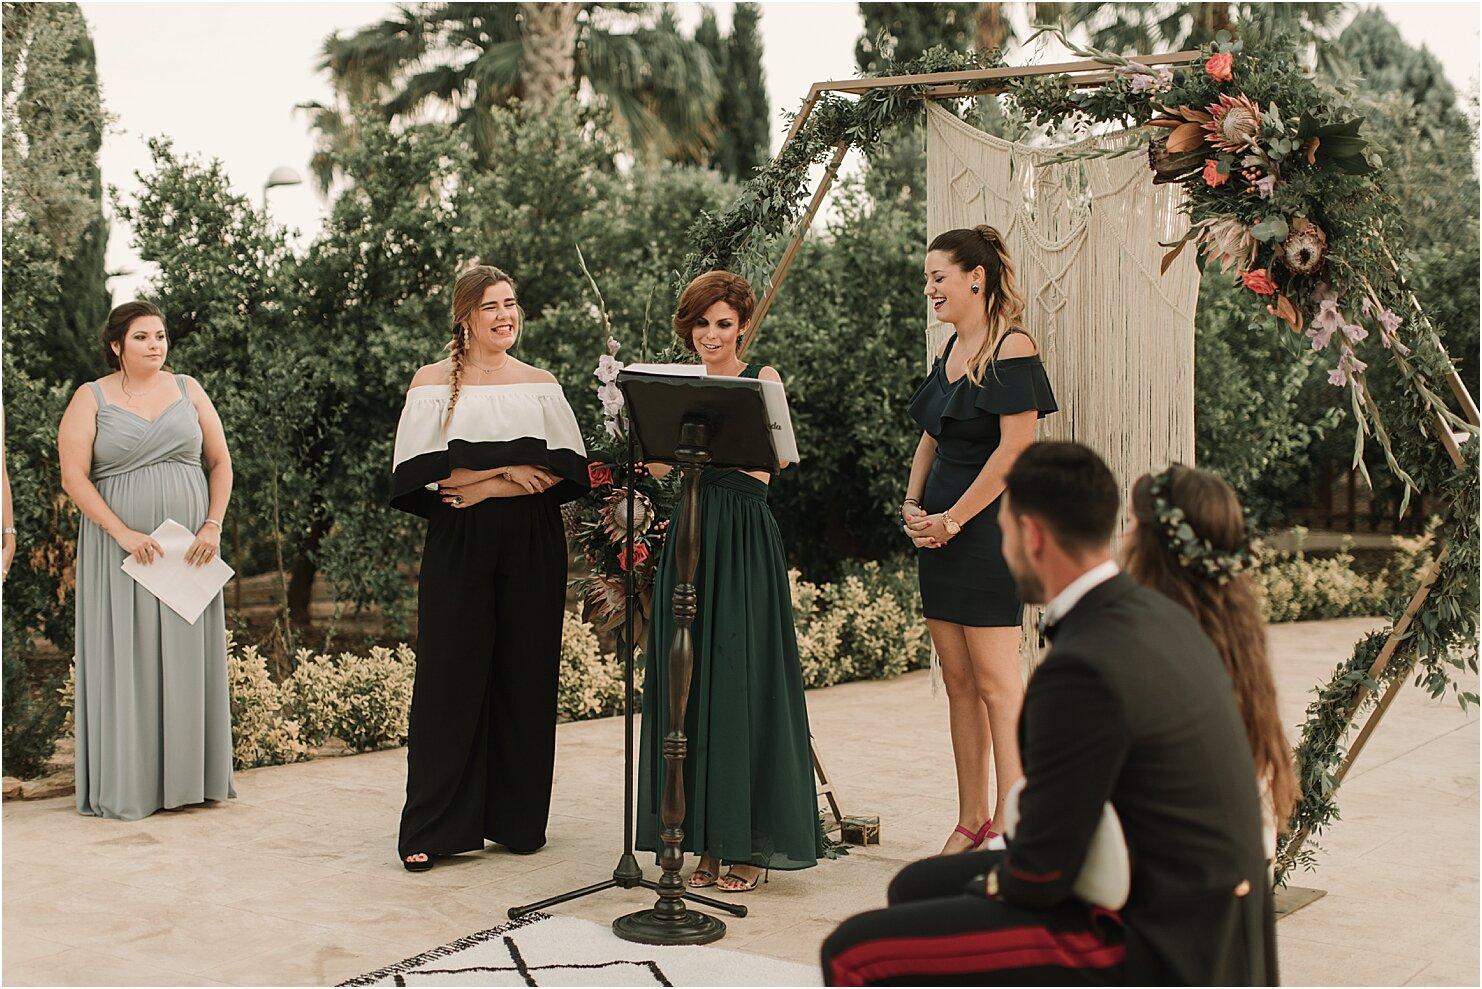 boda-romantica-boda-boho-vestido-de-novia-laura-lomas21.jpg